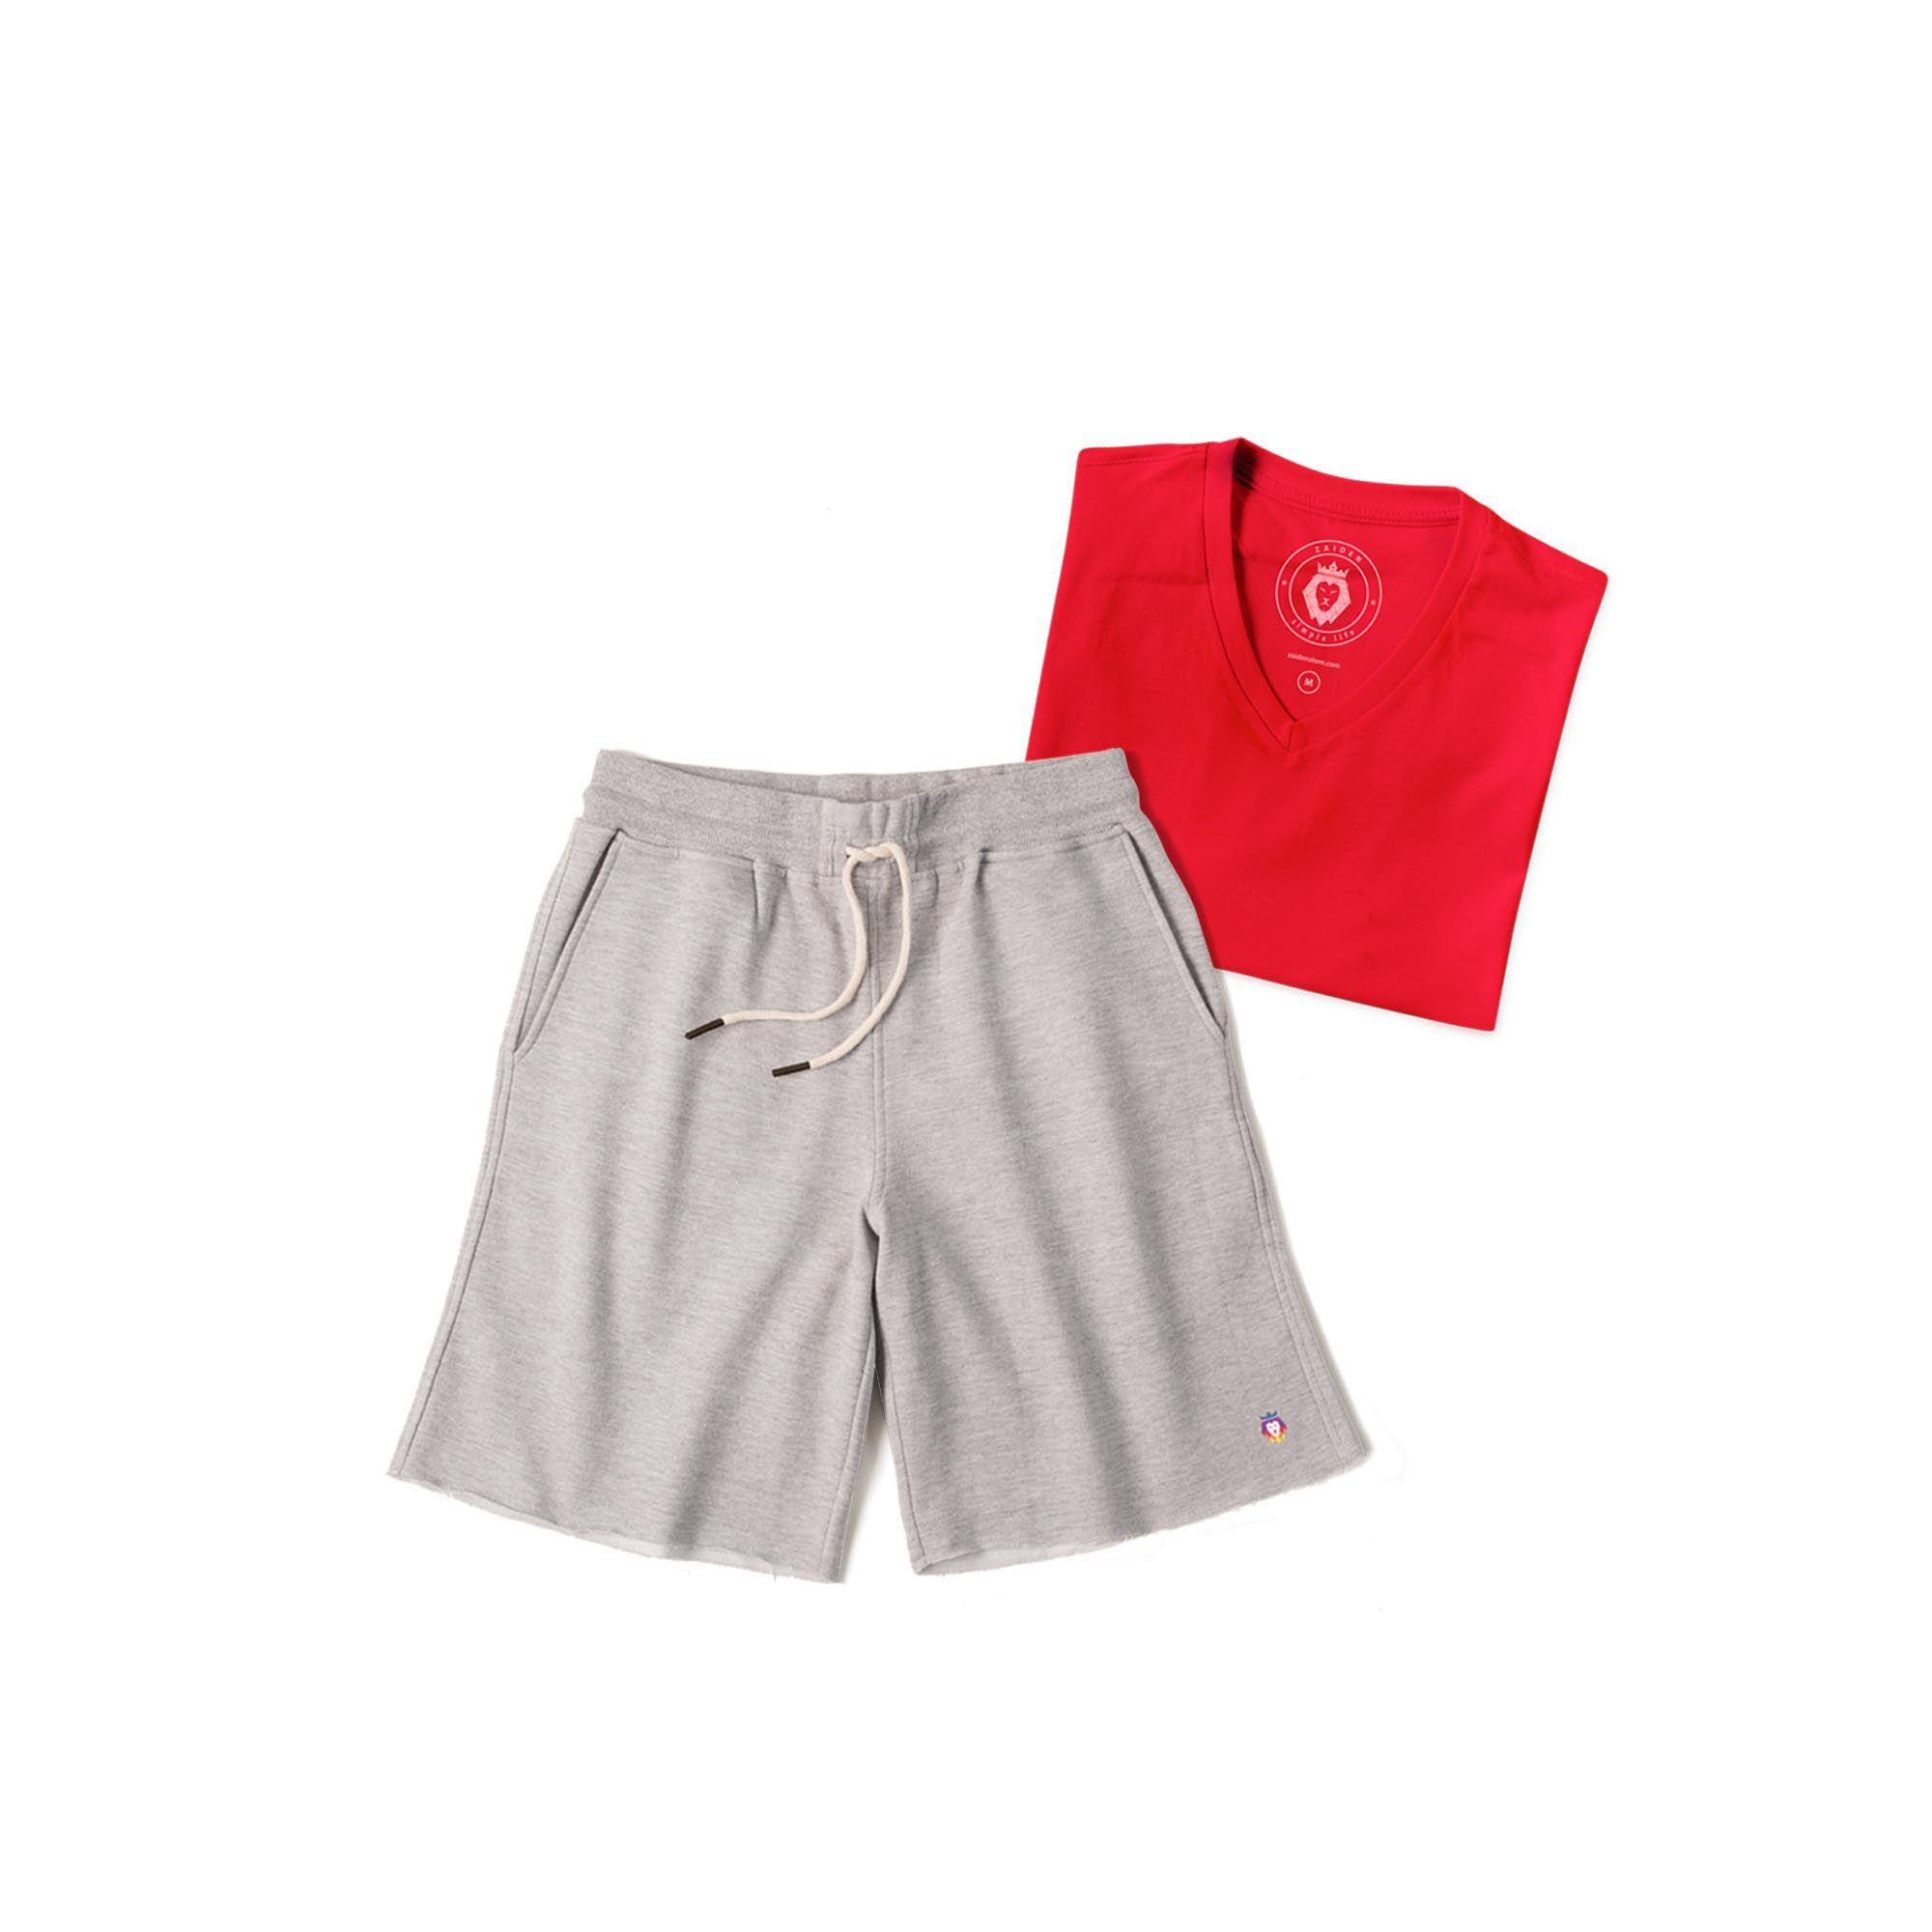 Kit 1 Bermuda Basic Mescla + 1 T-Shirt Basic Vermelha Zaiden Masculina